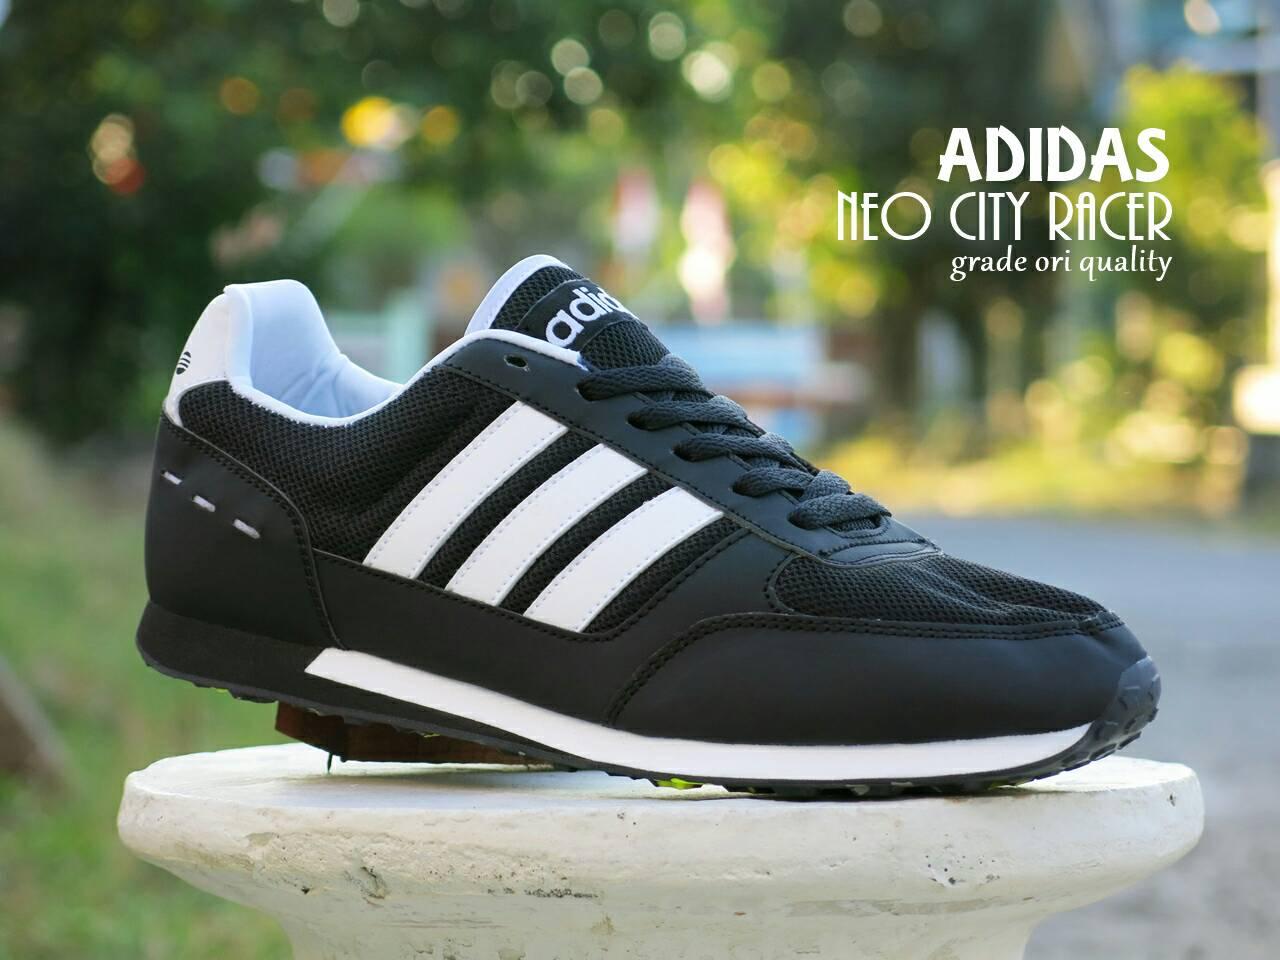 Jual Sepatu Adidas Neo City Racer Premium Black White Kets Casual ... 6c96c39480